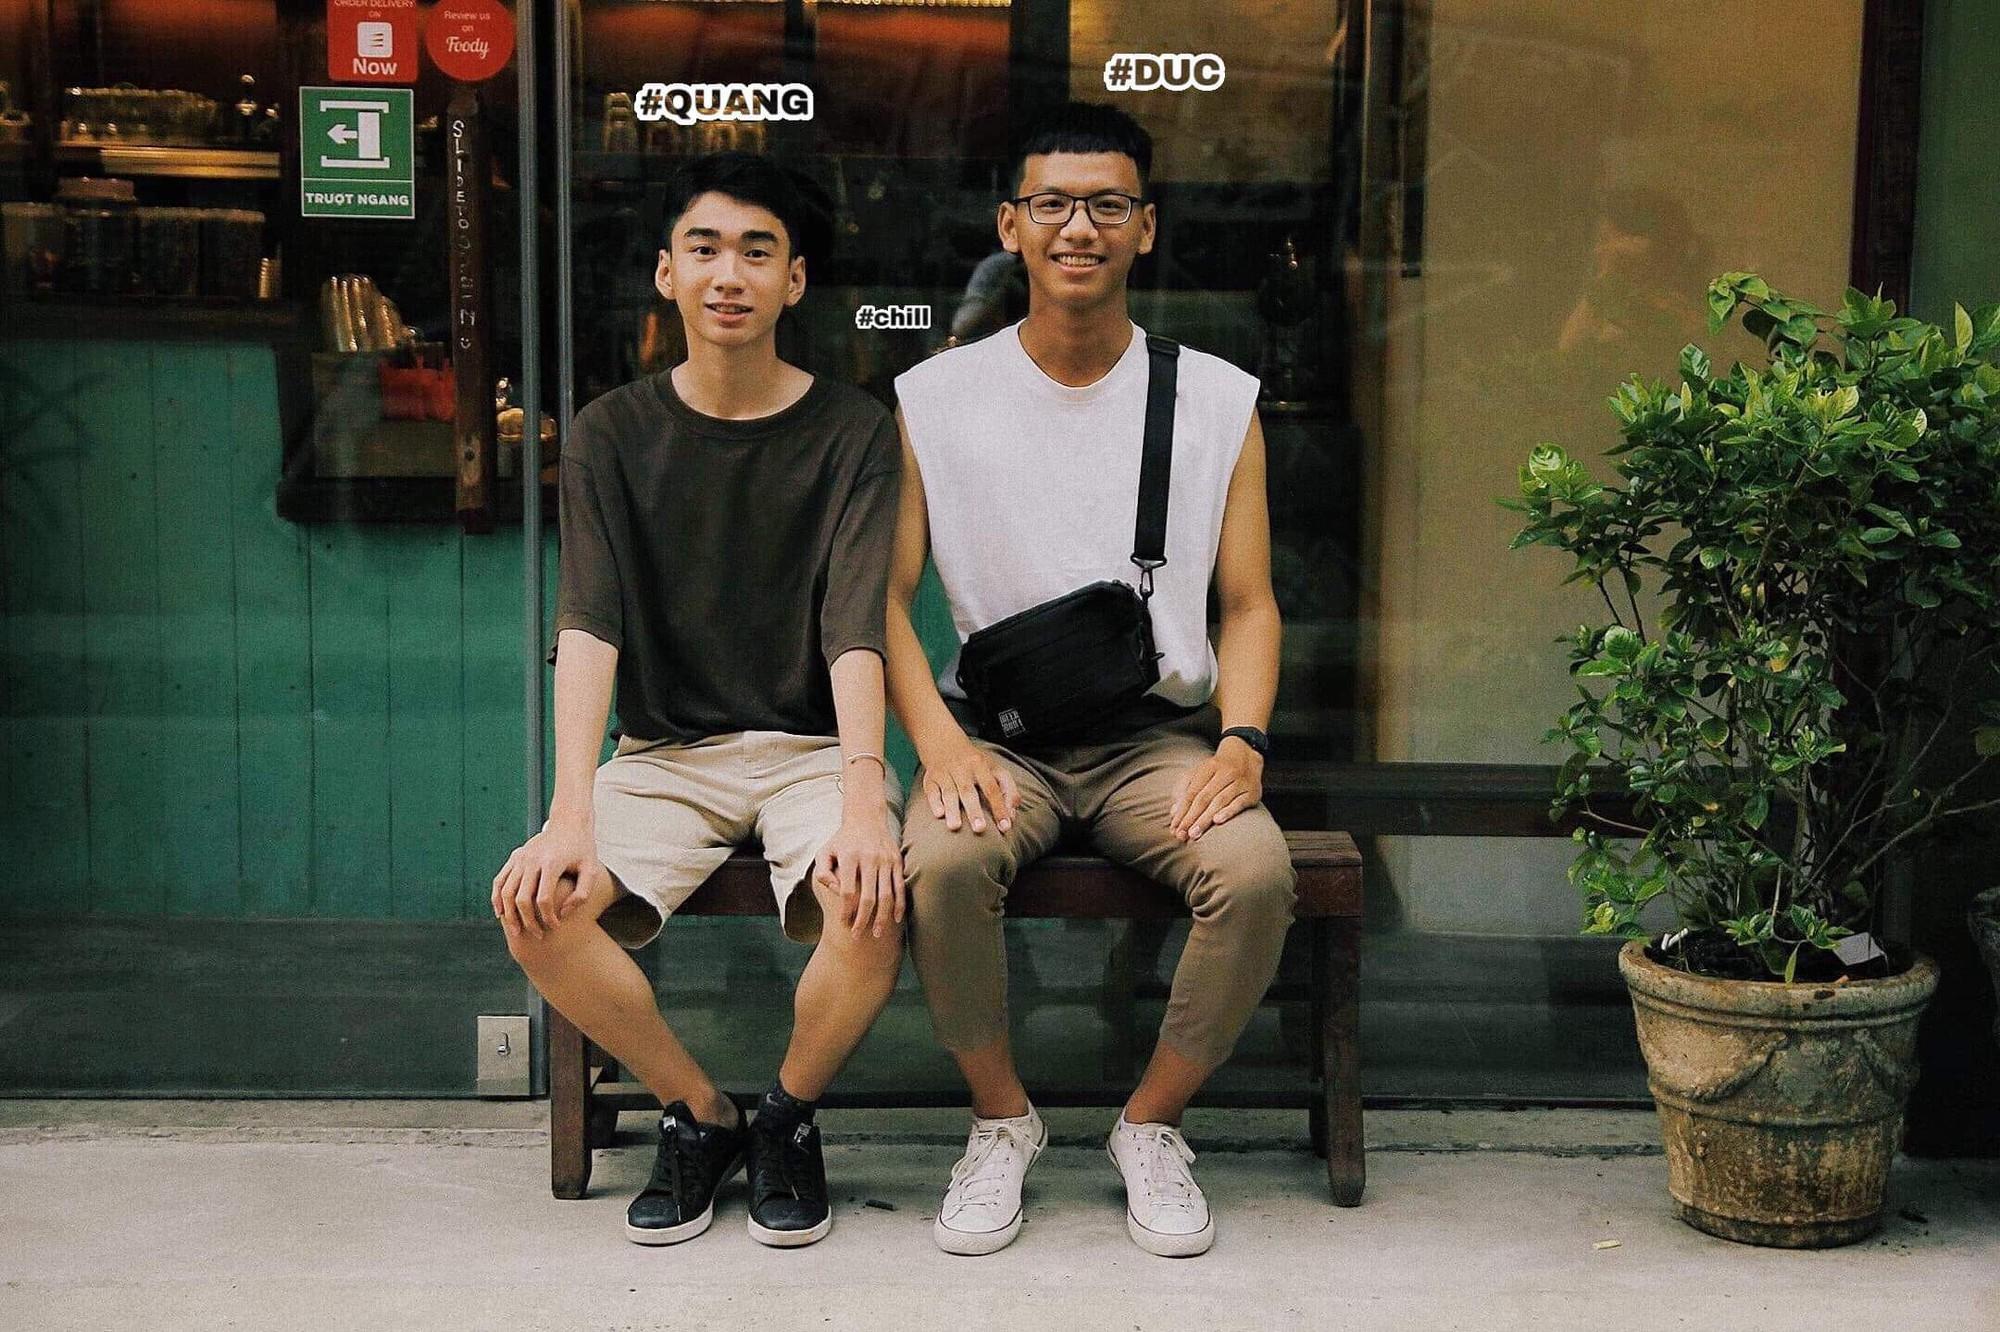 Bộ ảnh rất tình của cặp LGBT điển trai khiến cộng đồng mạng thổn thức - Ảnh 1.